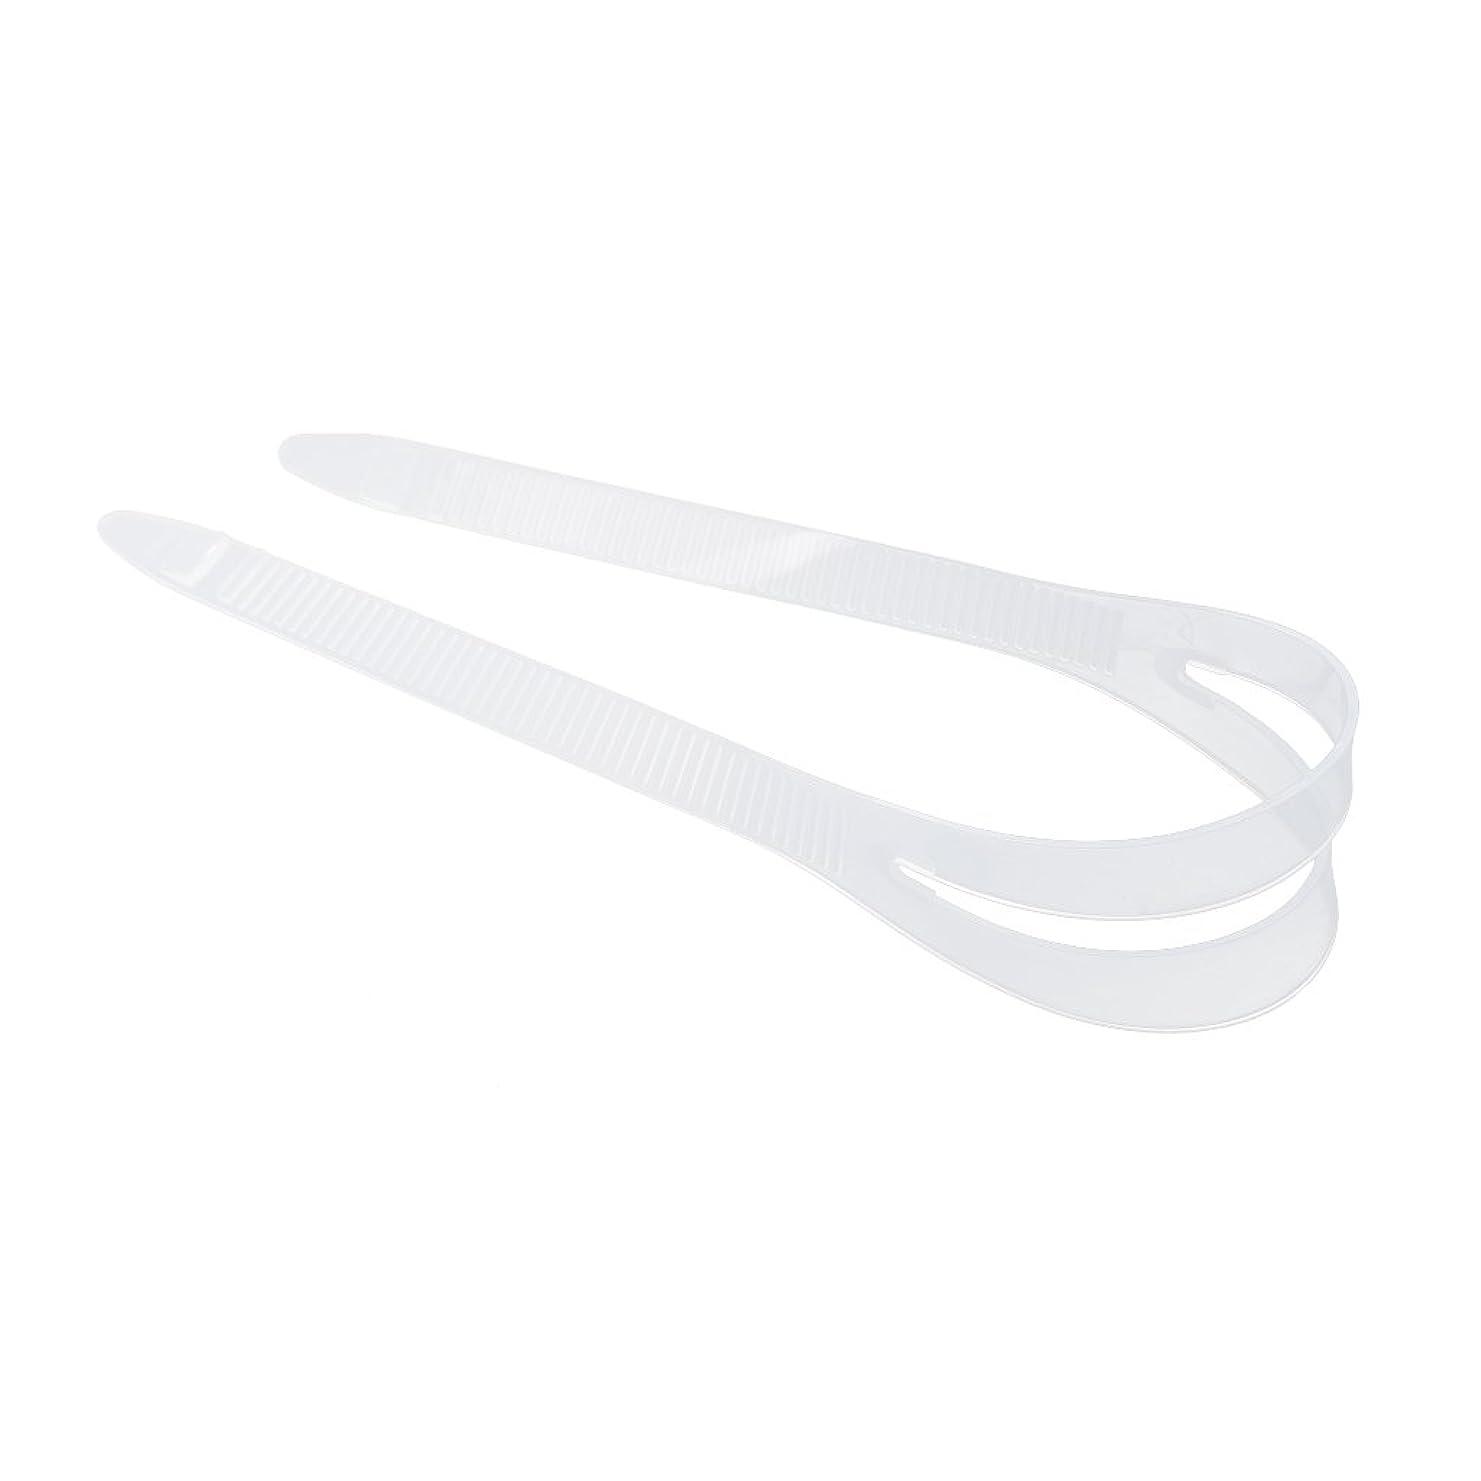 ピル利得一般的に言えばノーブランド品  全2色2サイズ シリコン スキューバ ダイビング シュノーケリング マスクストラップ カバー 交換用